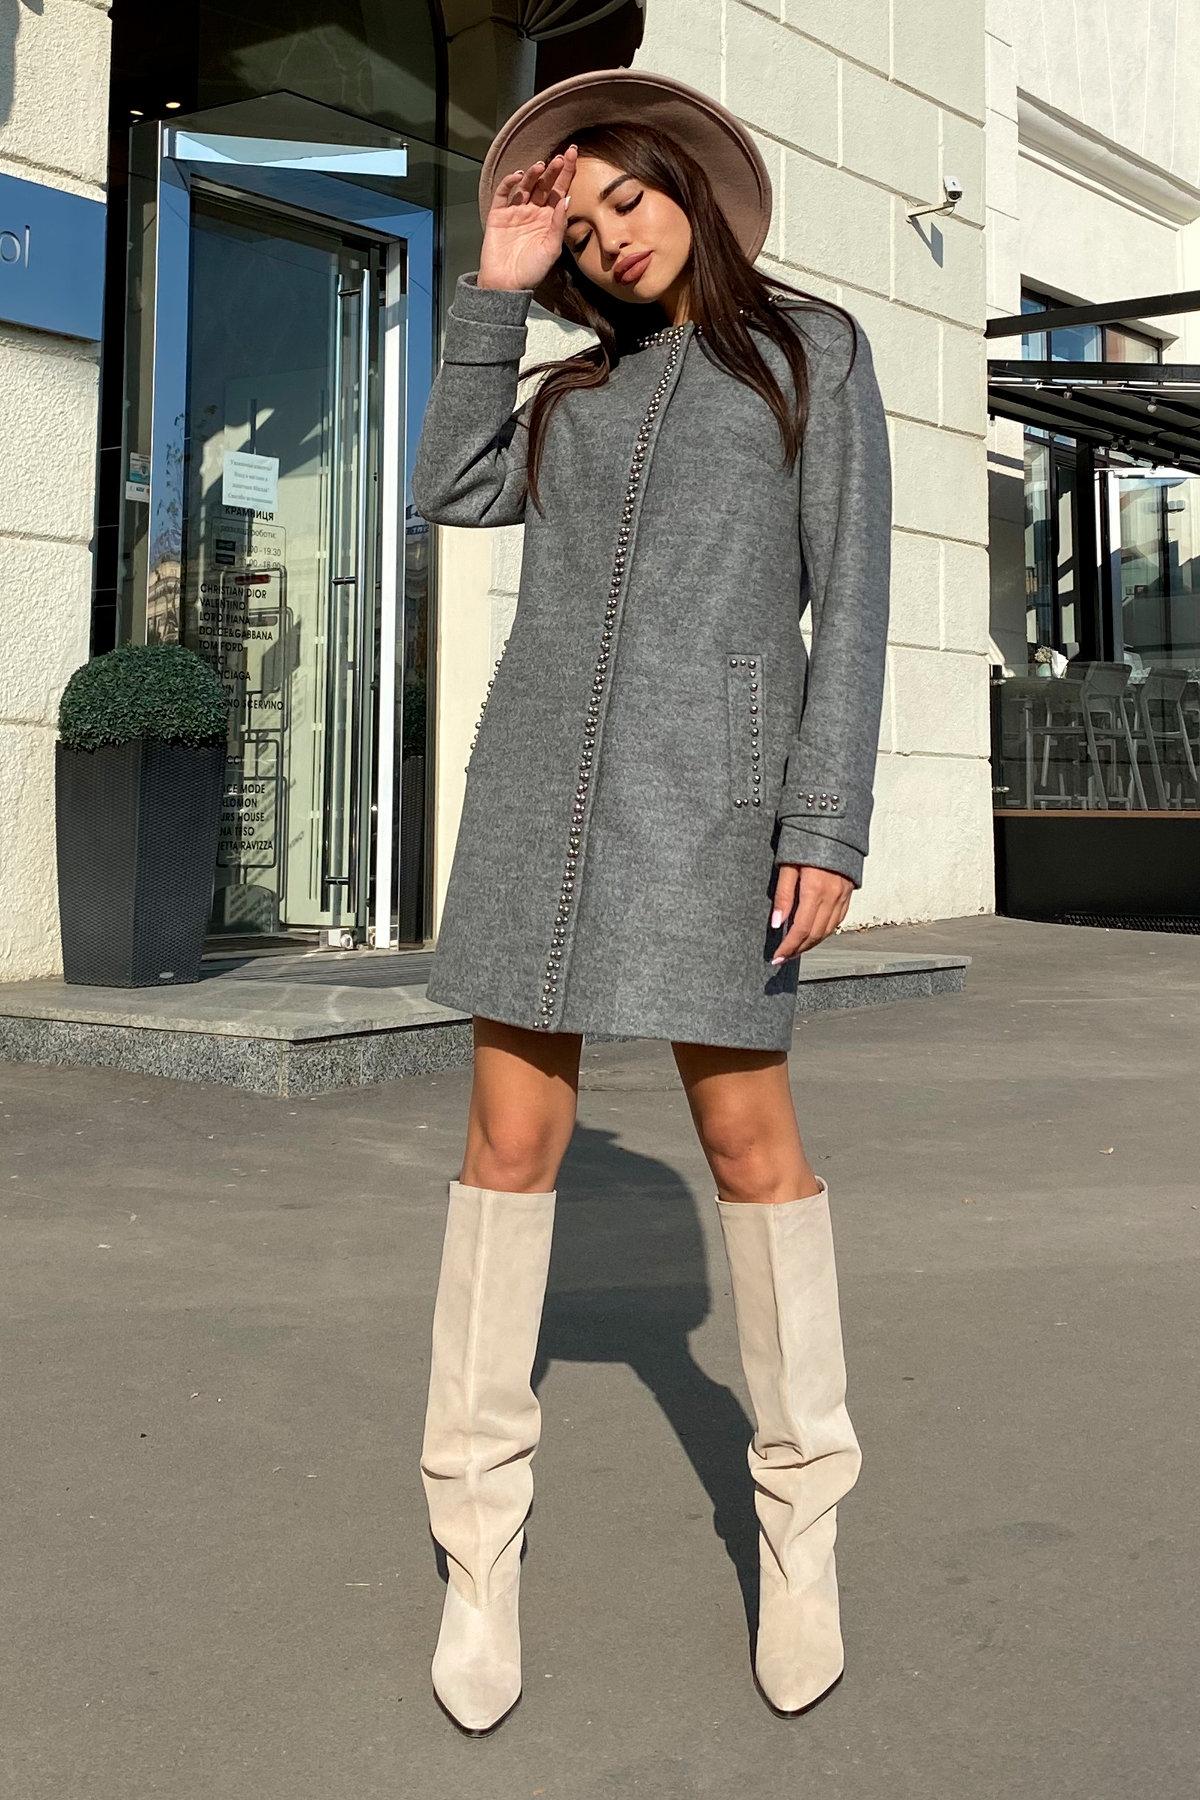 Пальто Анси 4544 АРТ. 21596 Цвет: Серый 18 - фото 2, интернет магазин tm-modus.ru